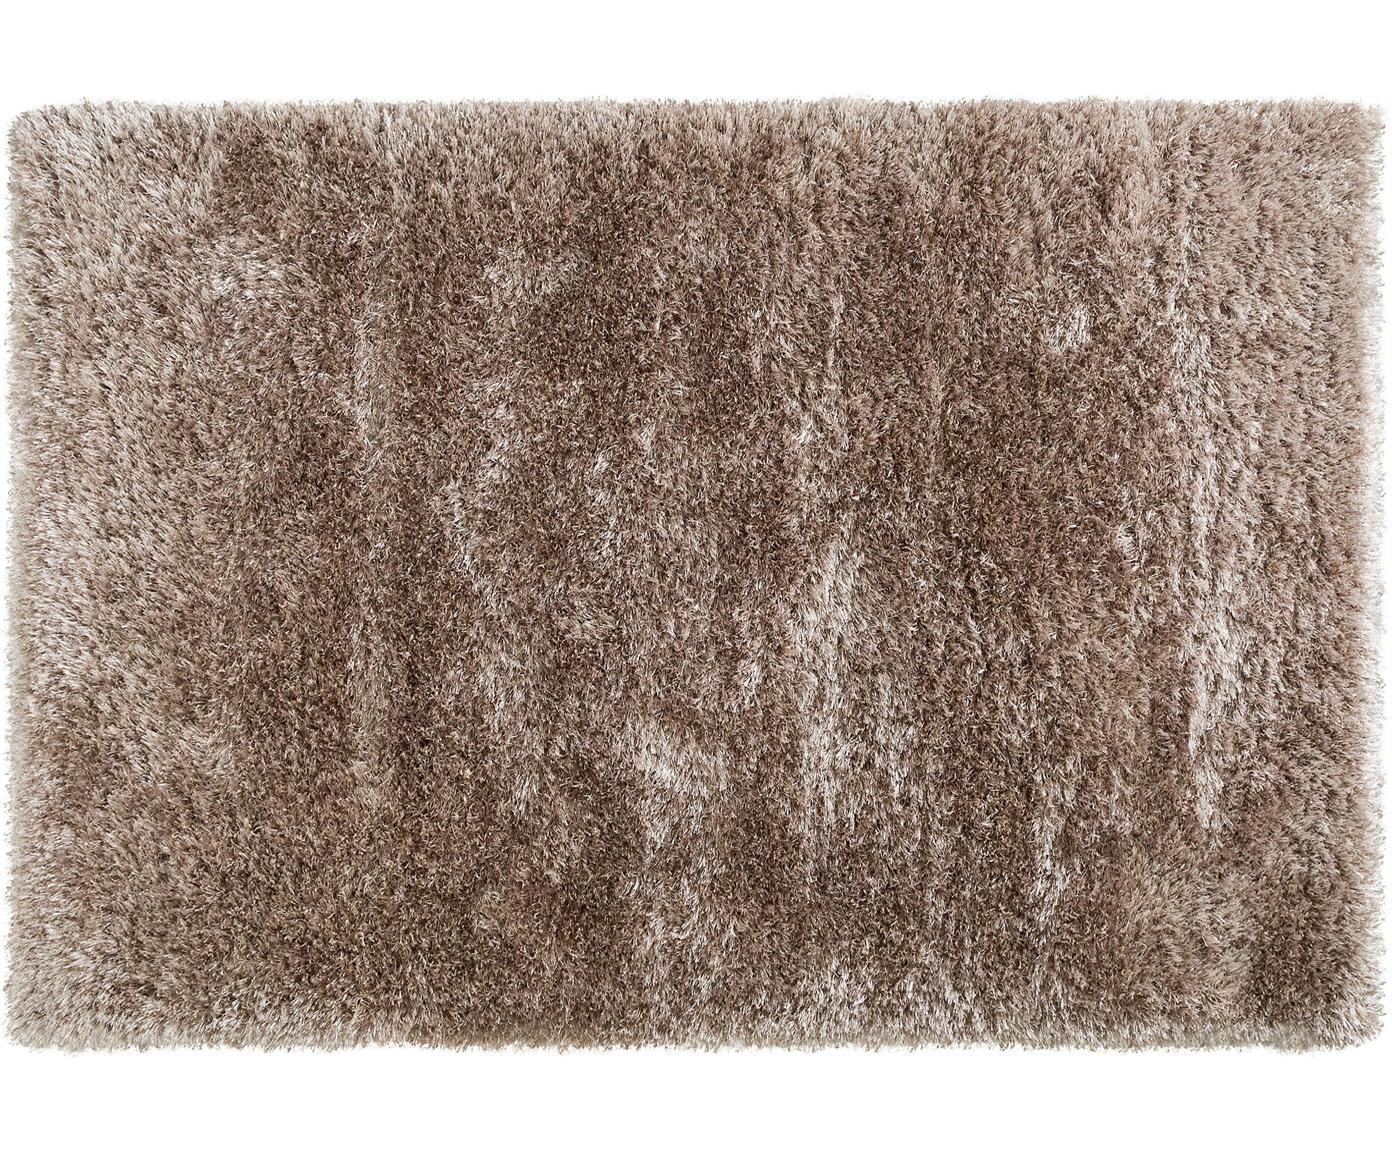 Tappeto a pelo lungo effetto lucido Lea, 50% poliestere, 50% polipropilene, Beige, Larg. 140 x Lung. 200 cm (taglia S)